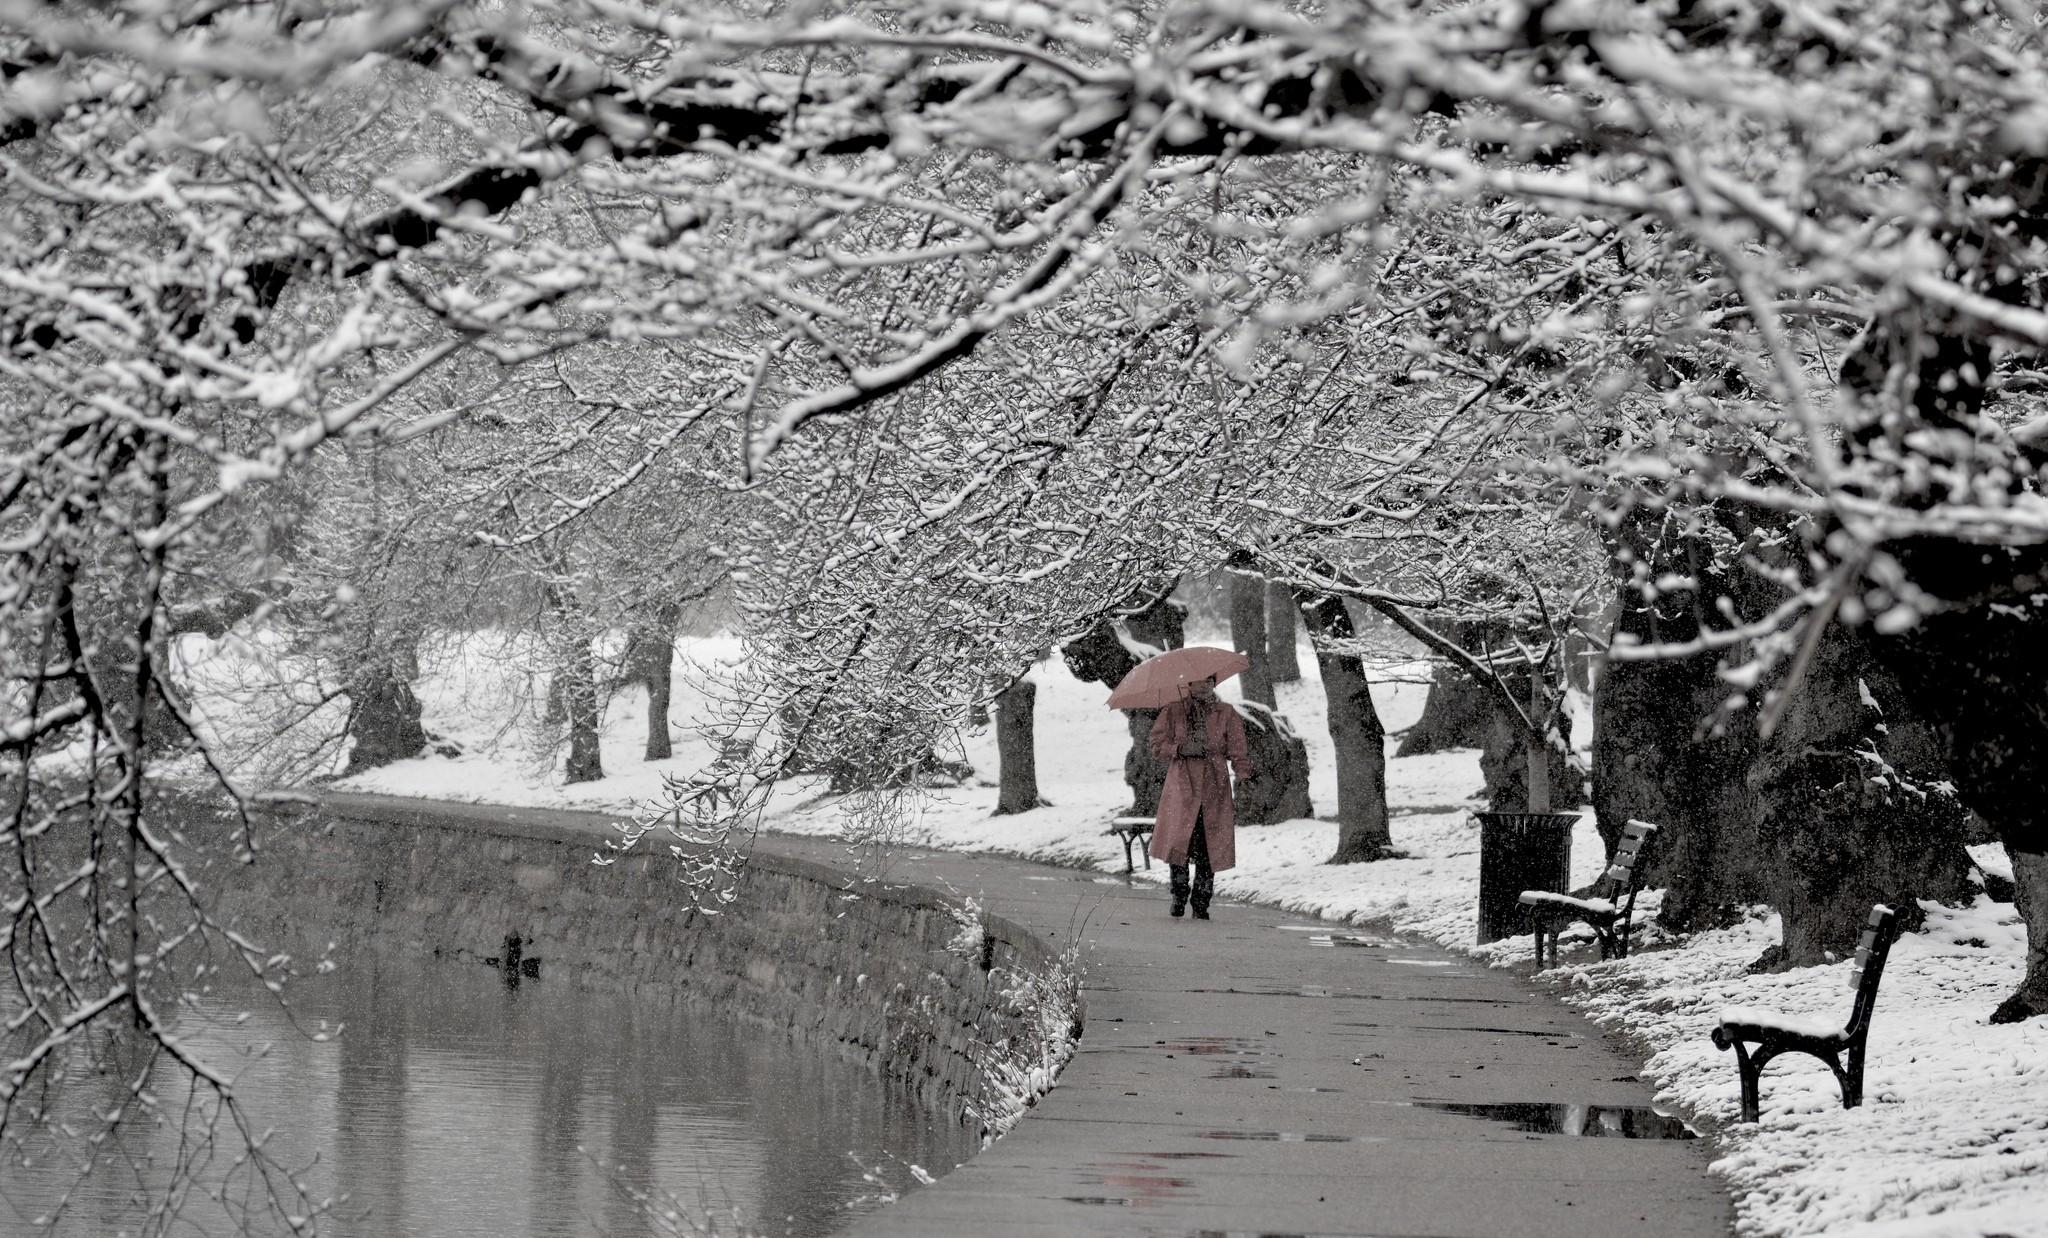 Congelamento pode adiar ou até impedir o florescer das cerejeiras.   (Foto: Creative Commons/ Flickr )